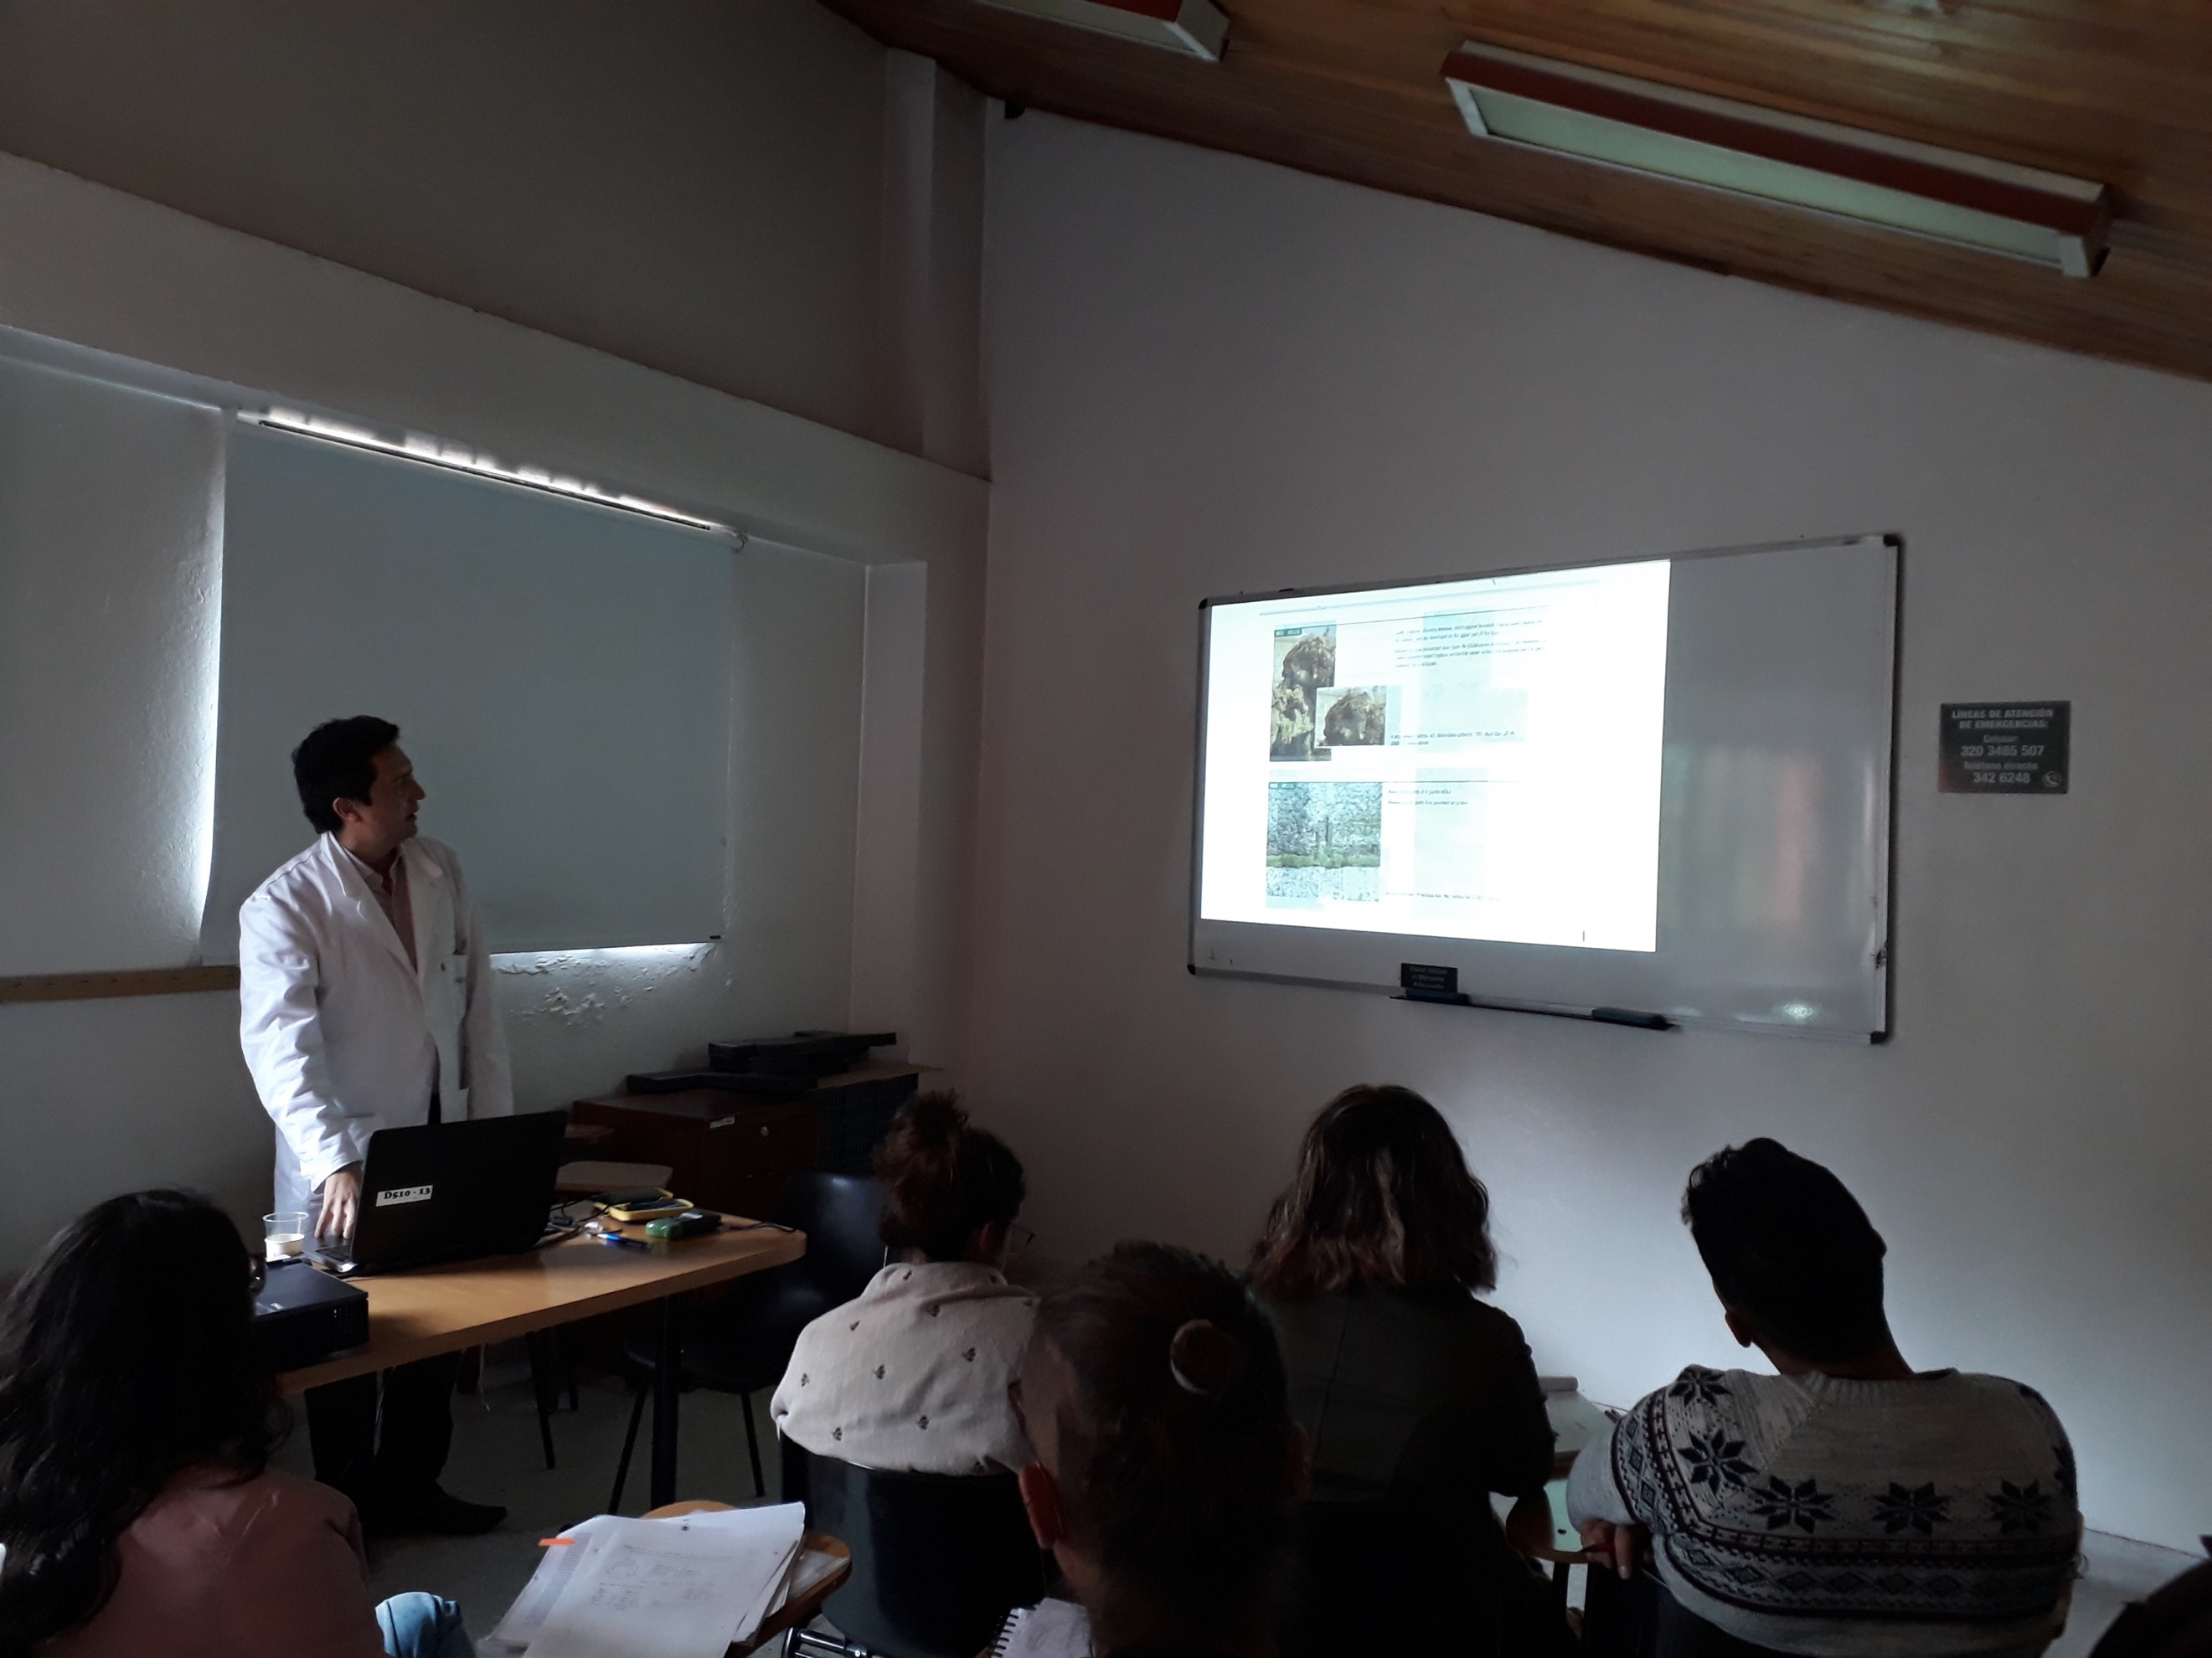 Microbiólogo John Garcés expone diversos indicadores de deterioro biológico. Fotografía Carla Riera.